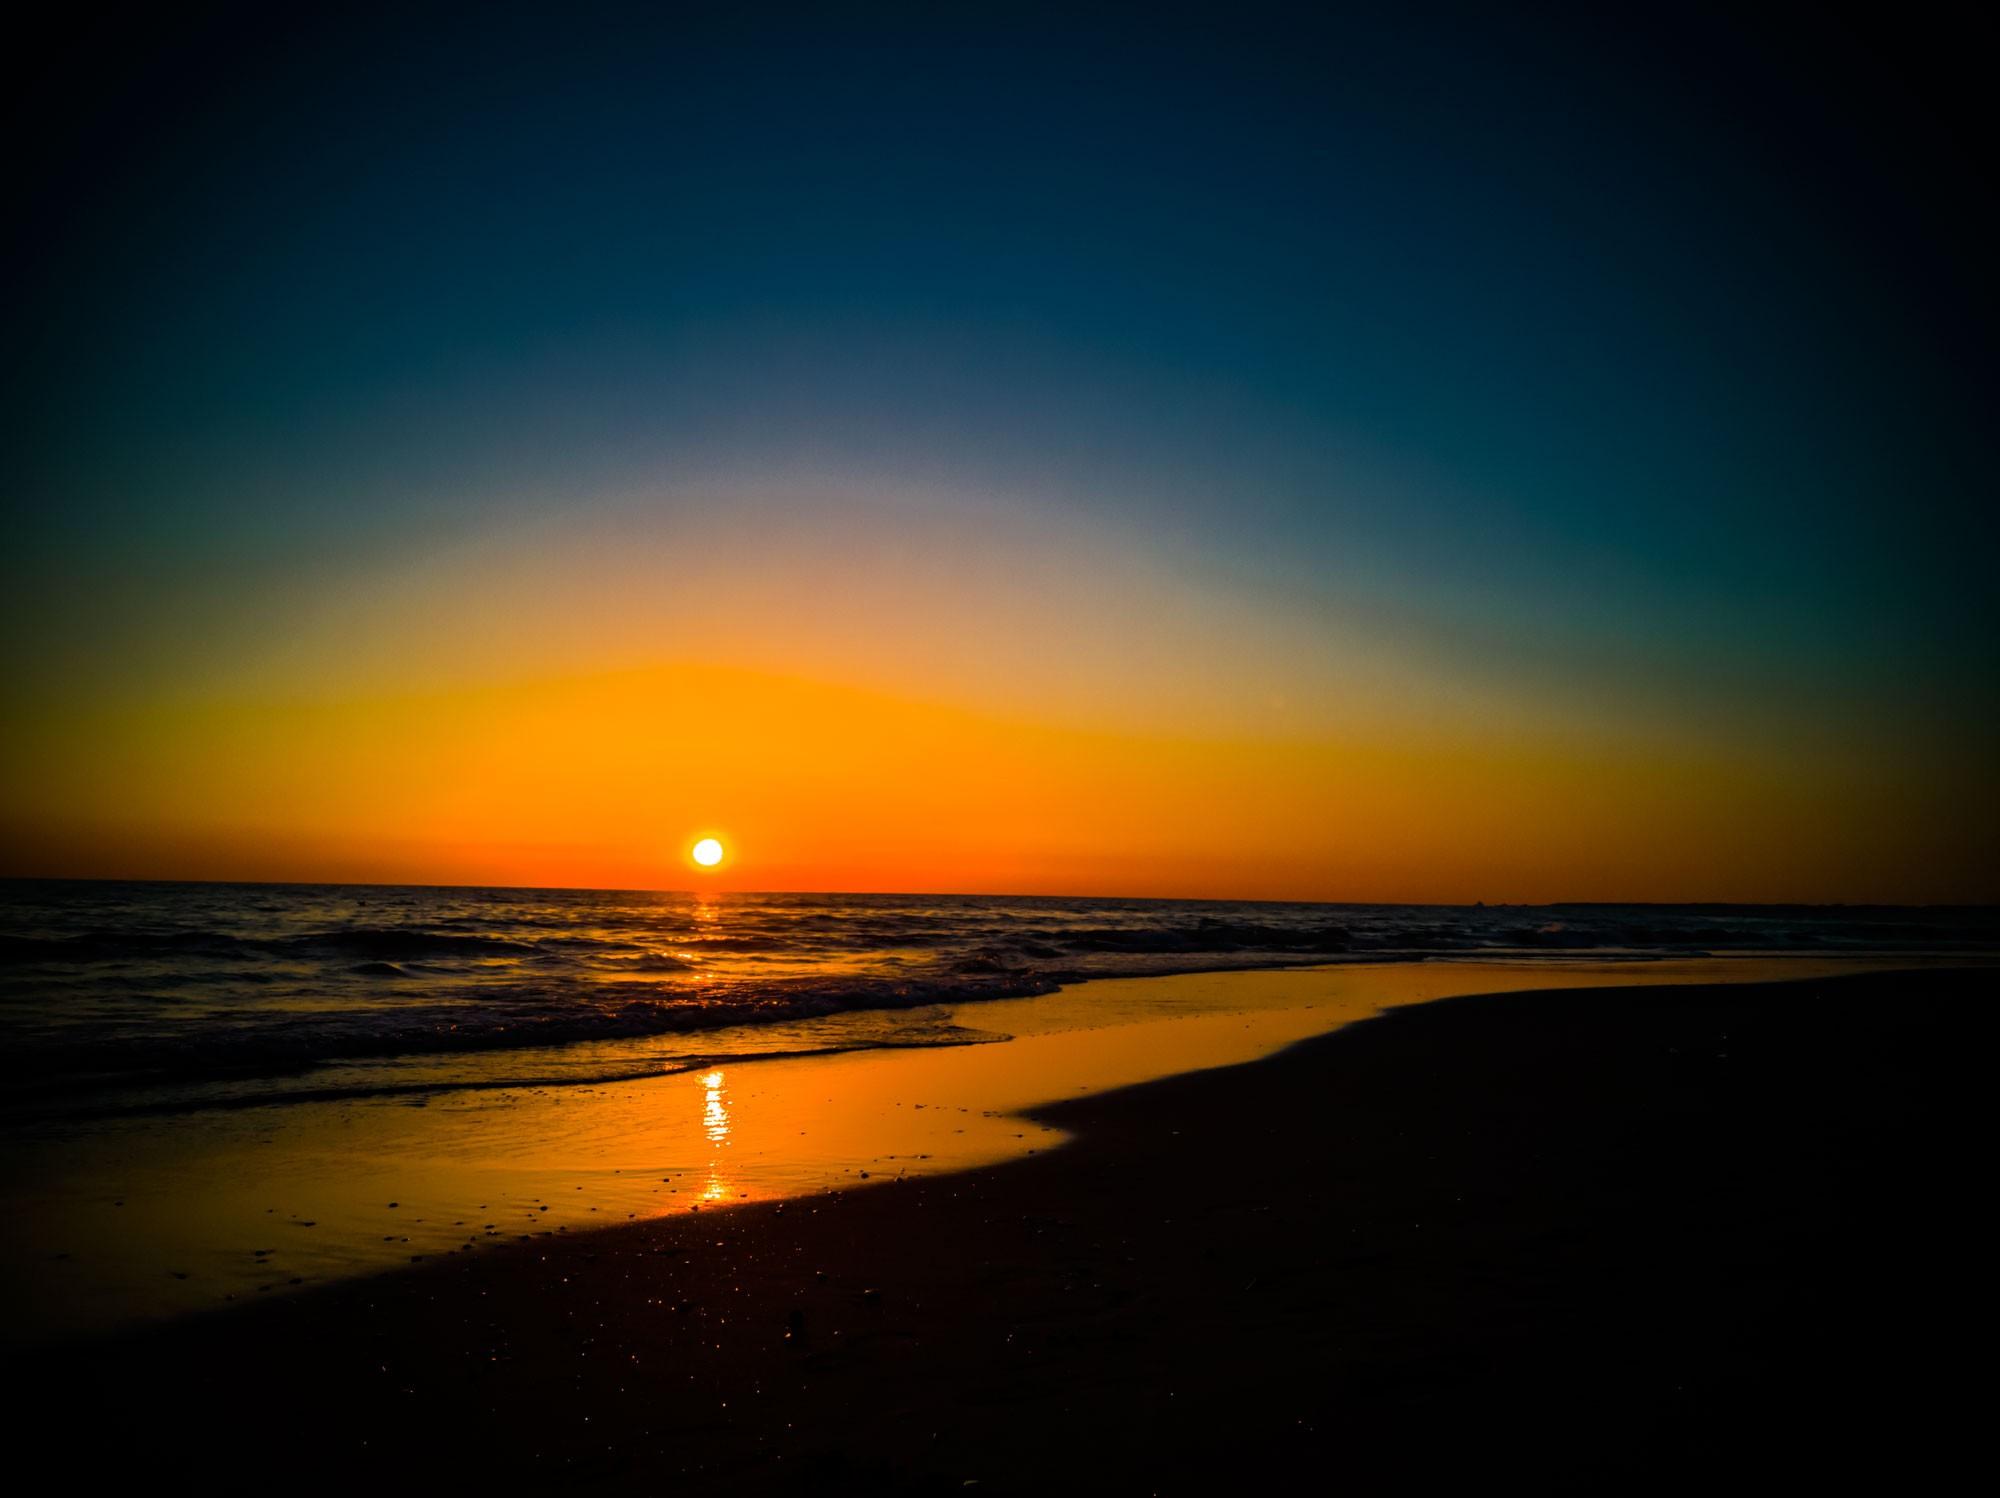 Tramonto intenso sul mare in autunno » immagini tramonto >> immagni di tramonti sul mare immagini di tramonto in montagna e paesaggi al tramonto